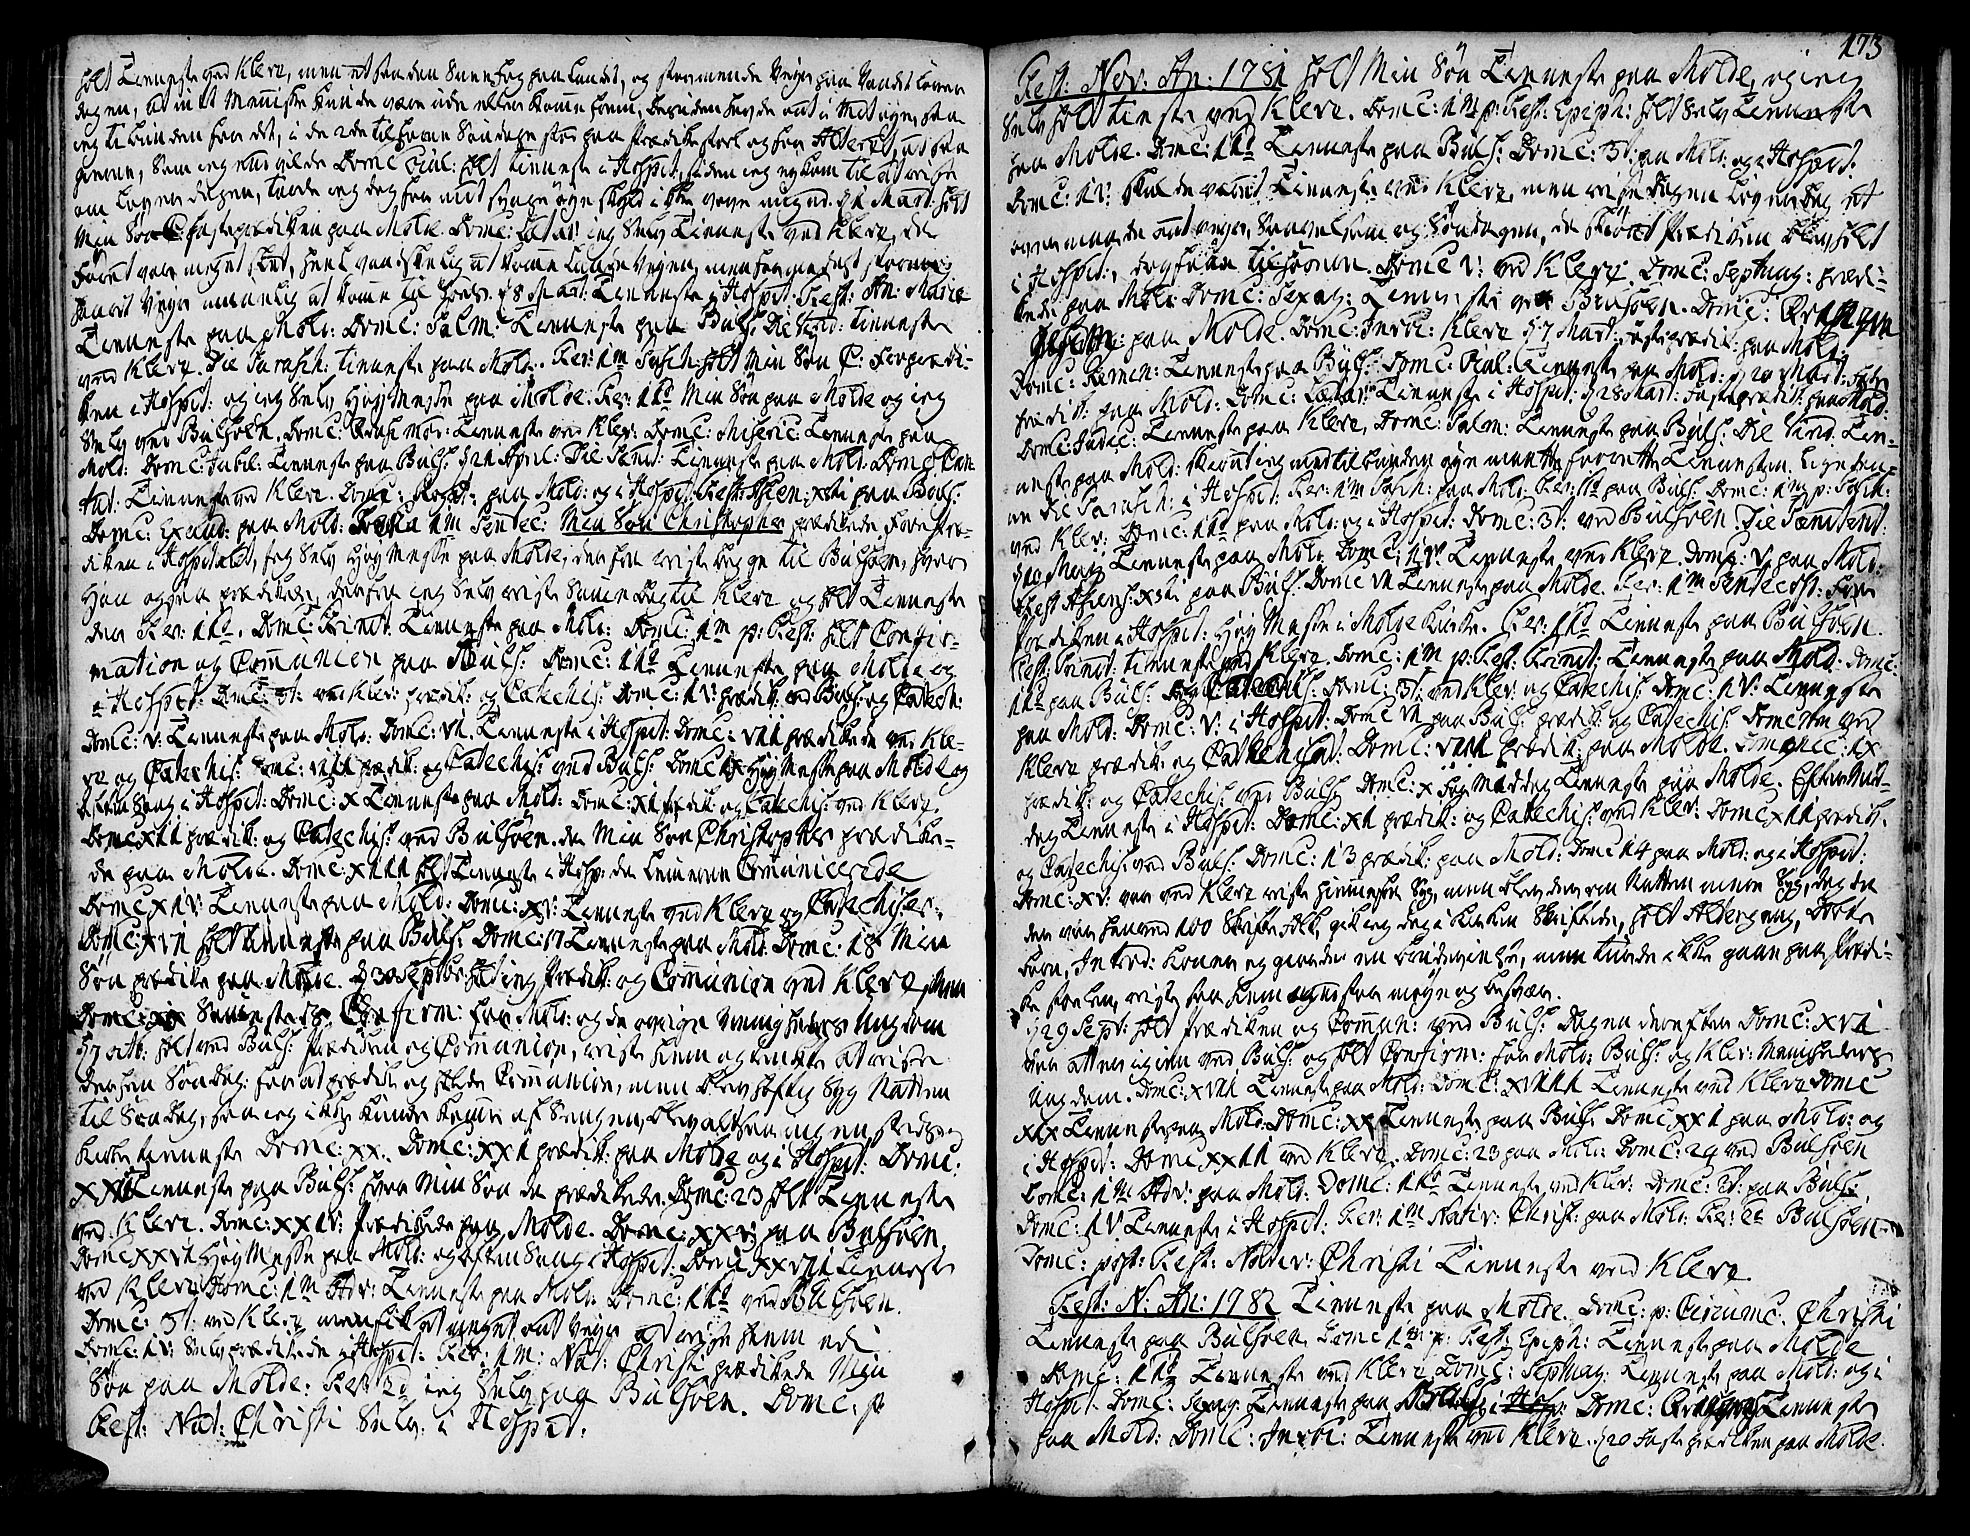 SAT, Ministerialprotokoller, klokkerbøker og fødselsregistre - Møre og Romsdal, 555/L0648: Ministerialbok nr. 555A01, 1759-1793, s. 173